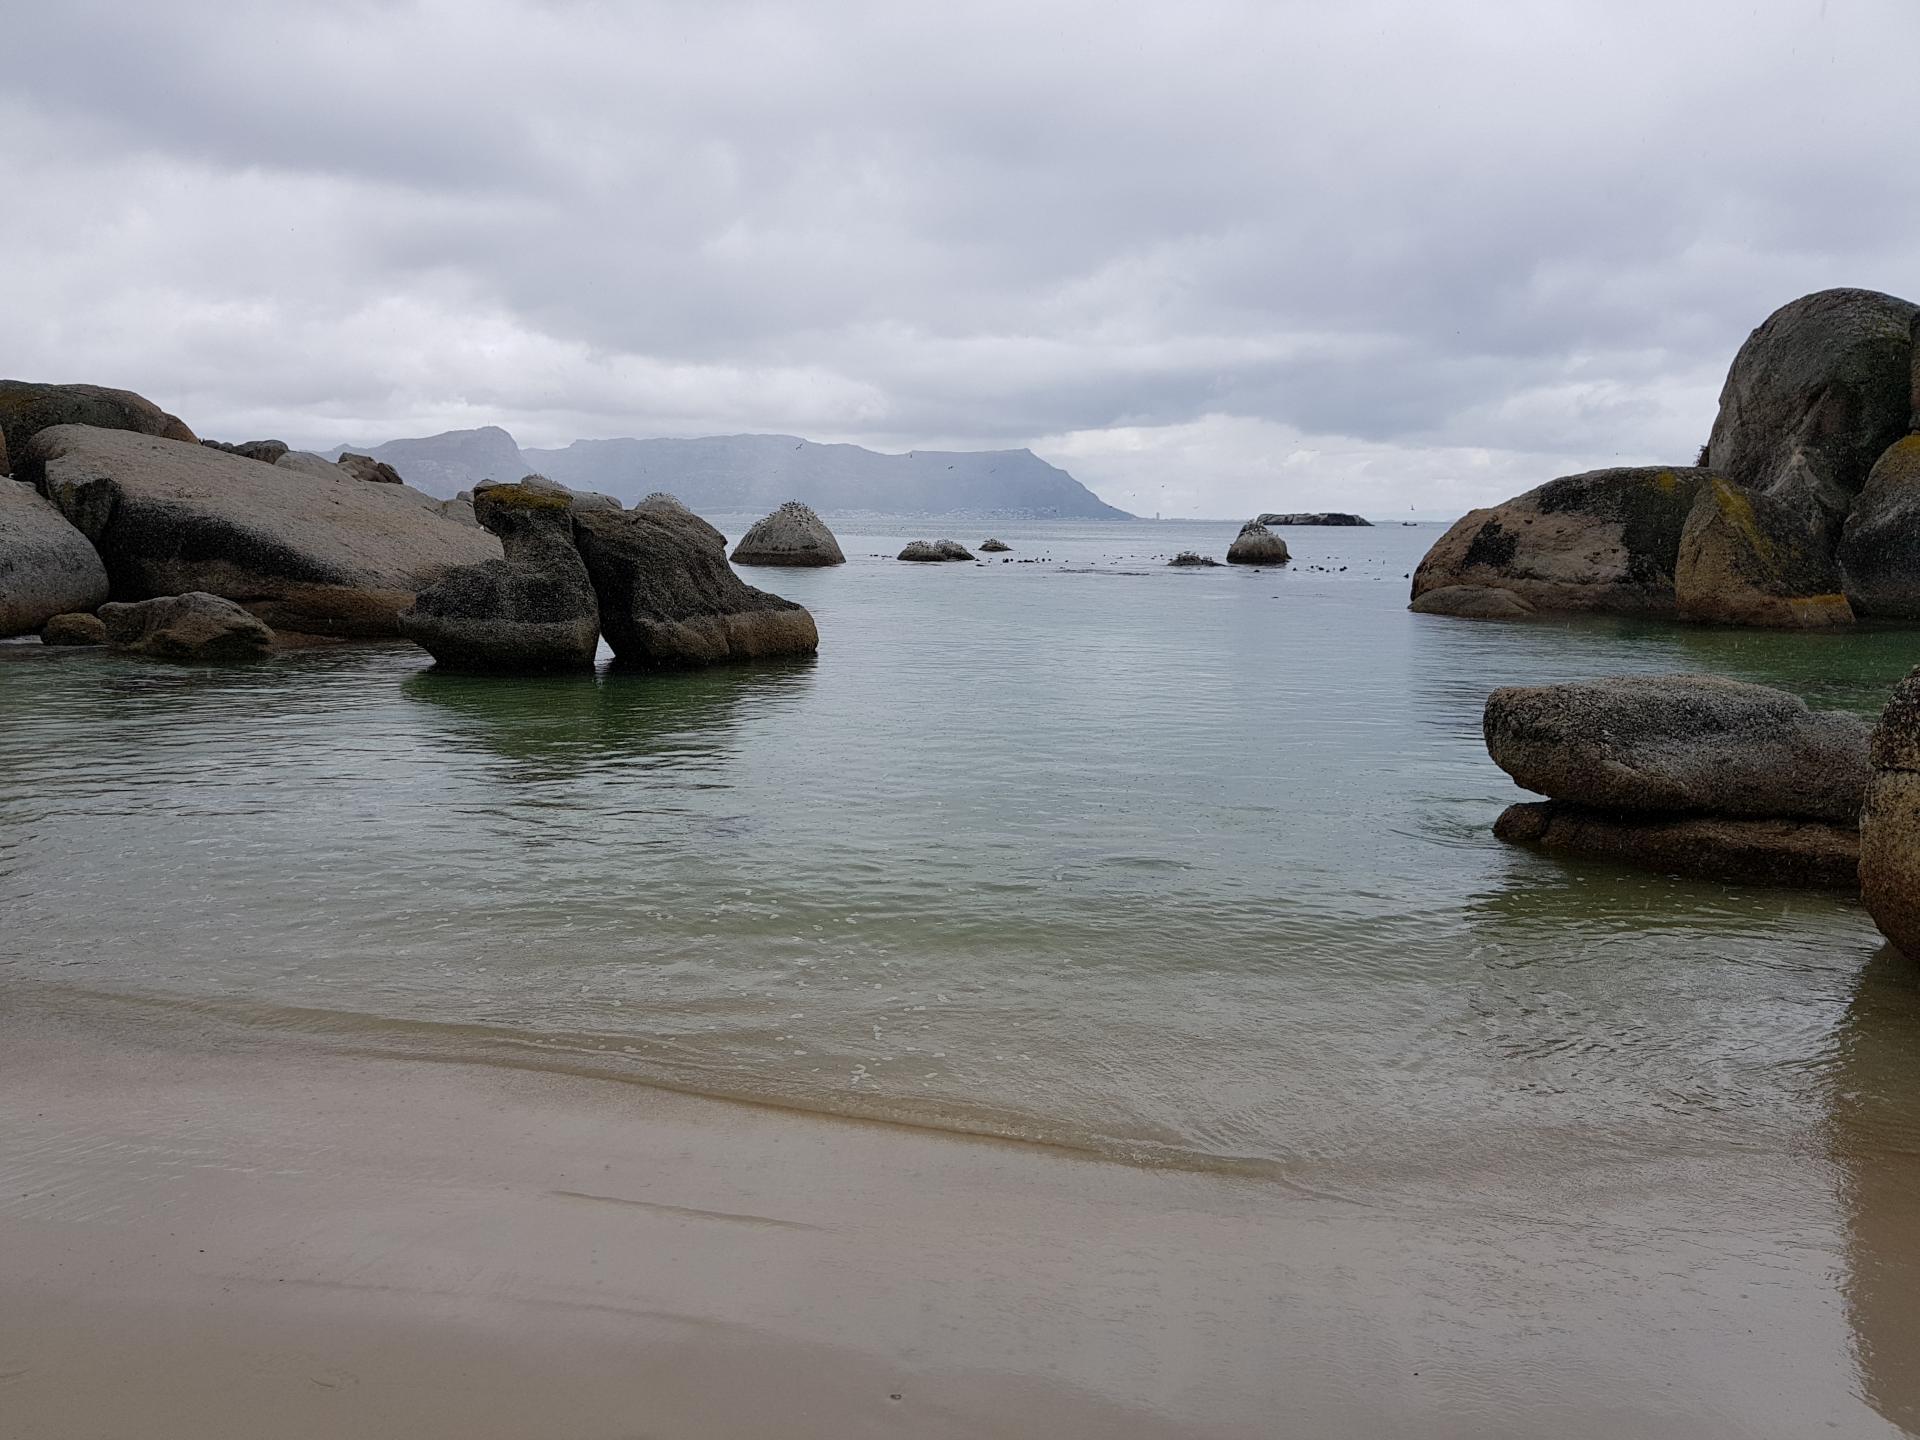 пляж Болдерс-Бич, Южная Африка